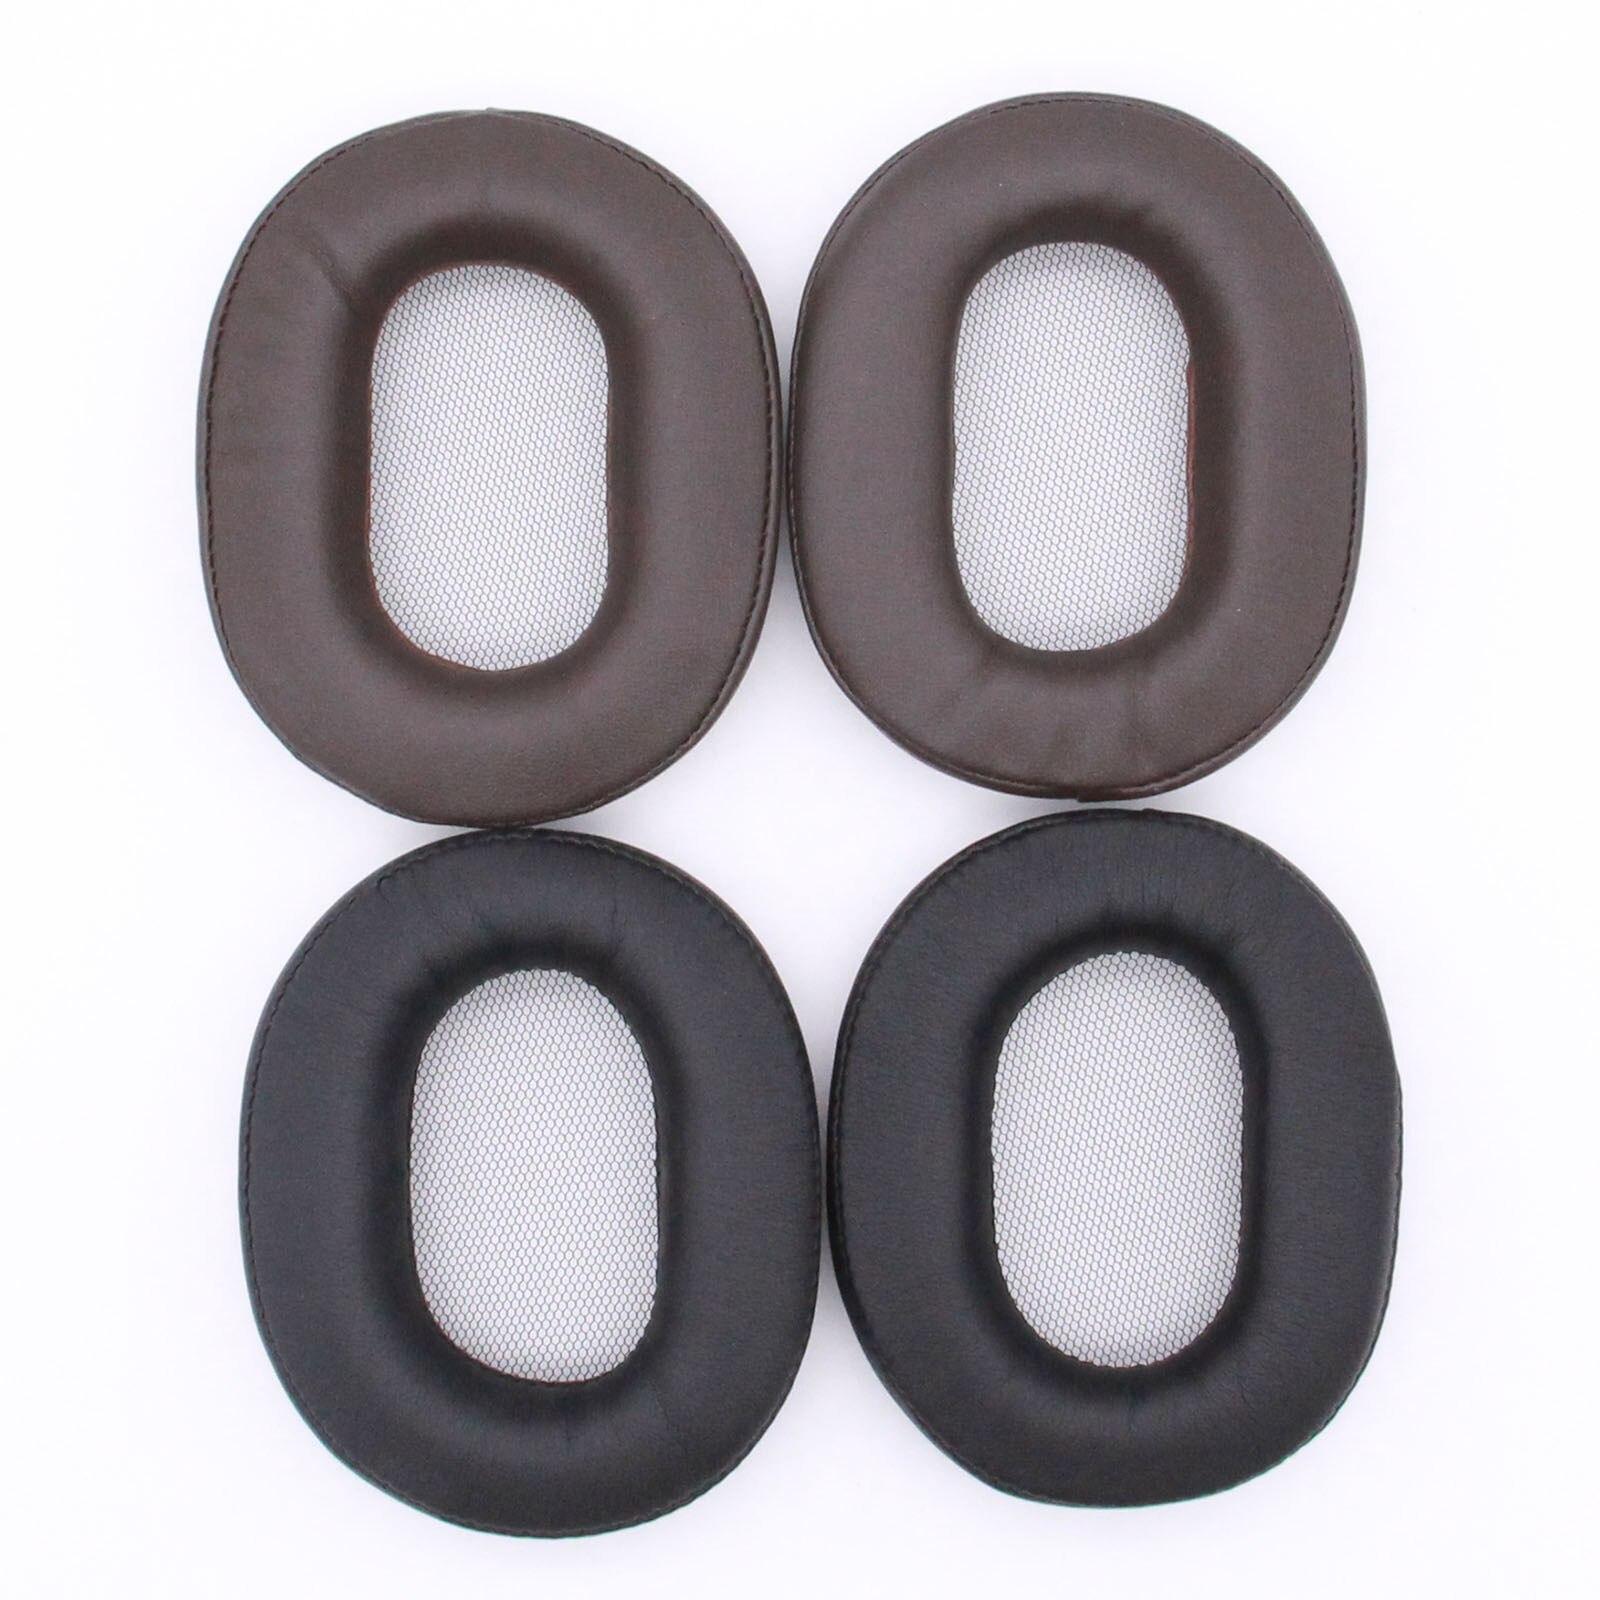 Reemplazo de espuma de memoria almohadillas Sony MDR-1R MK2 1RBT 1ADAC MDR-1A 1ABT auriculares conjunto orejeras algodón esponja auriculares